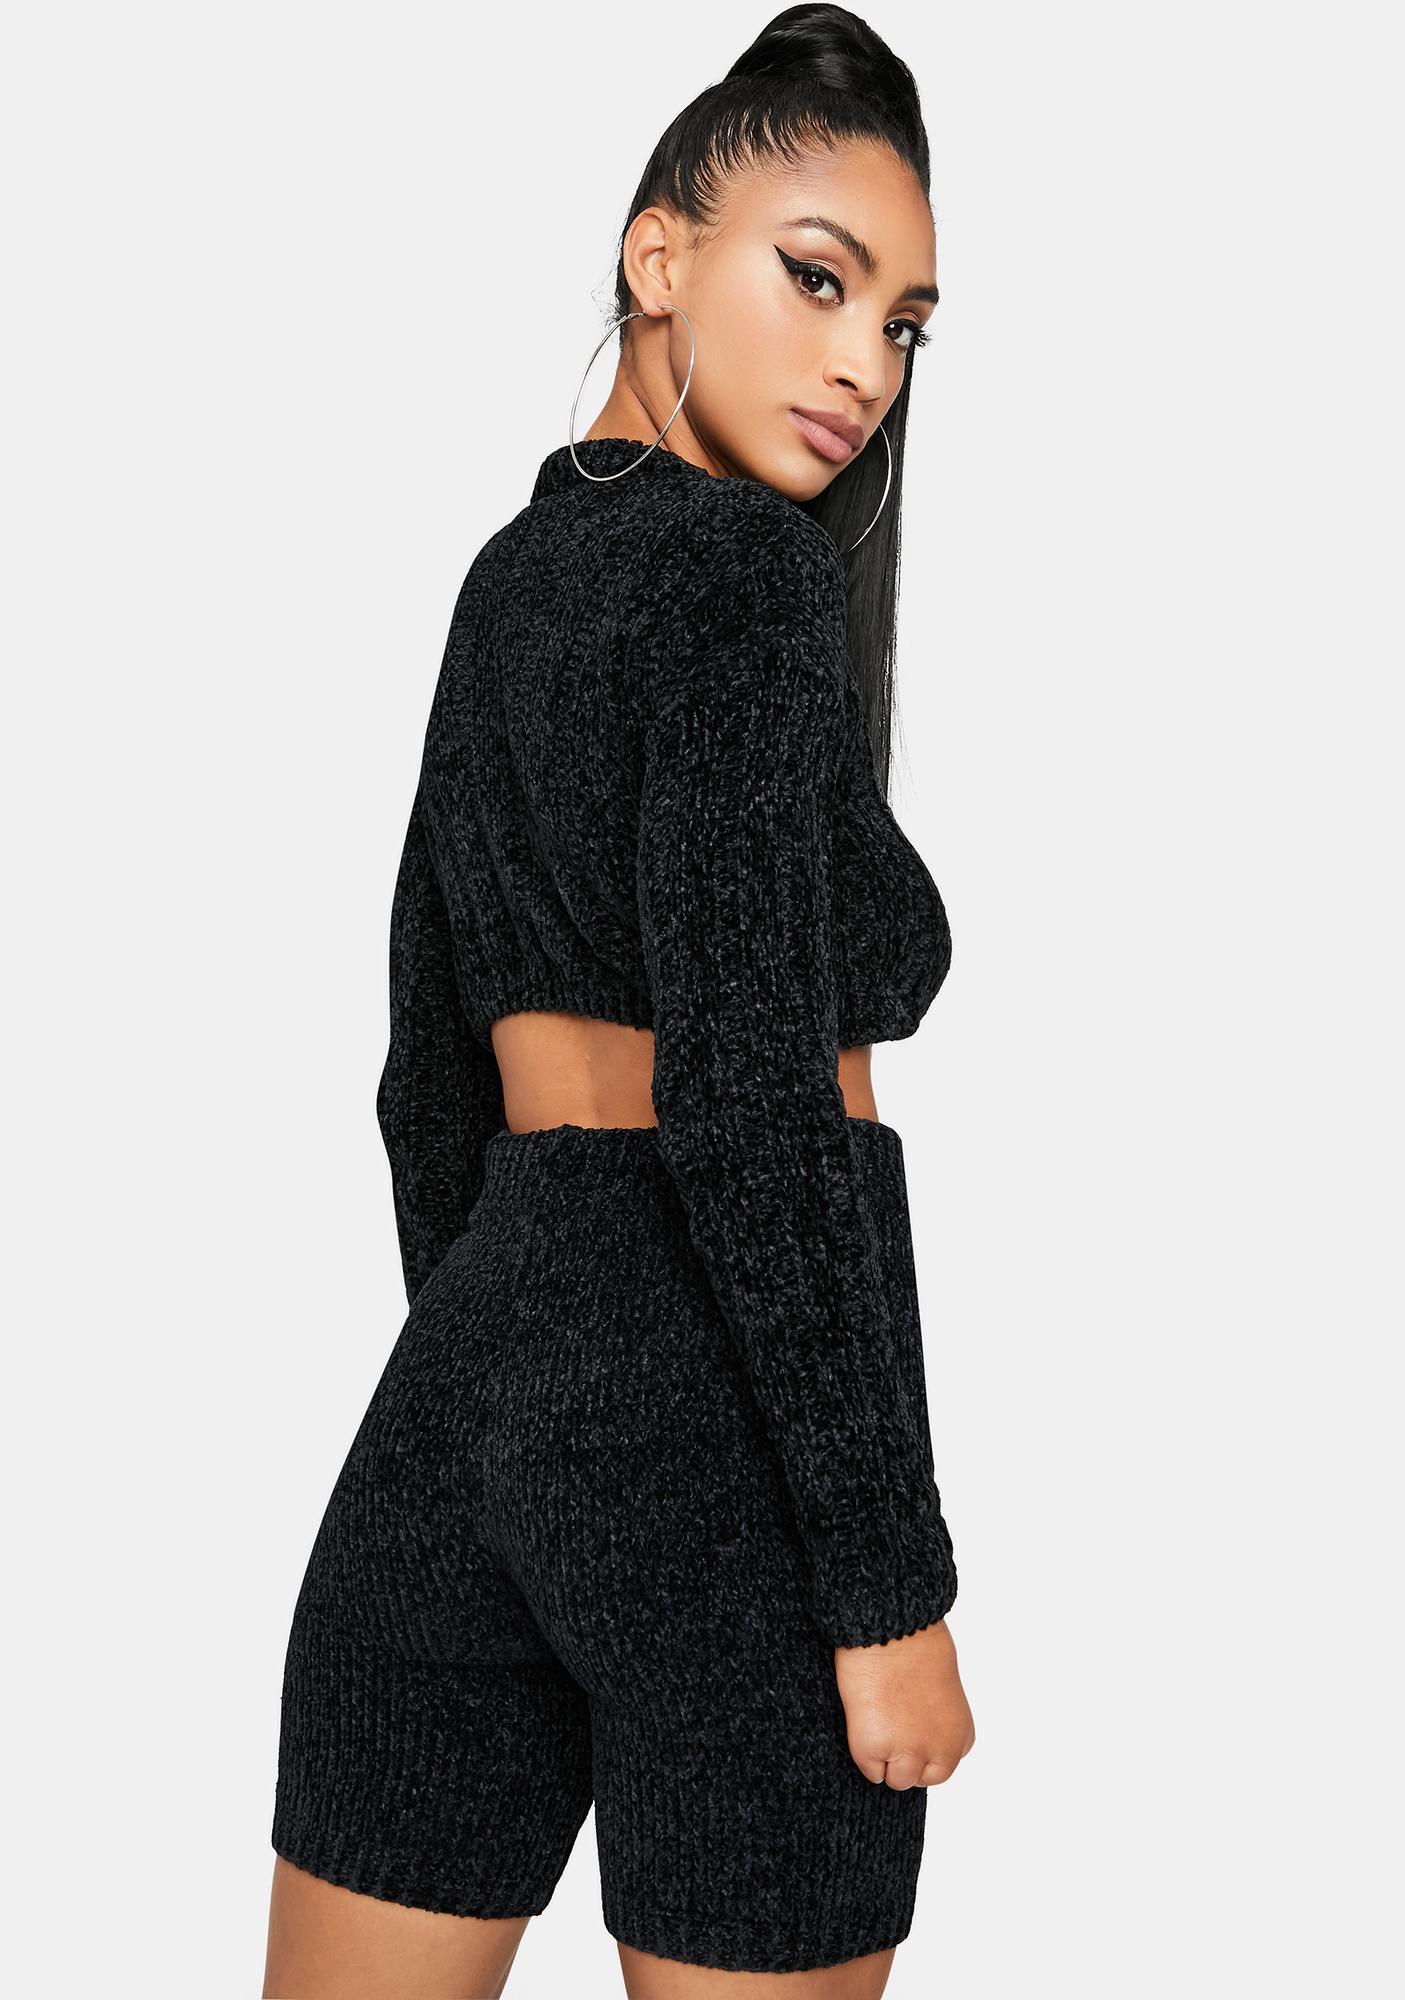 Nox Luxe in Love Knit Biker Shorts